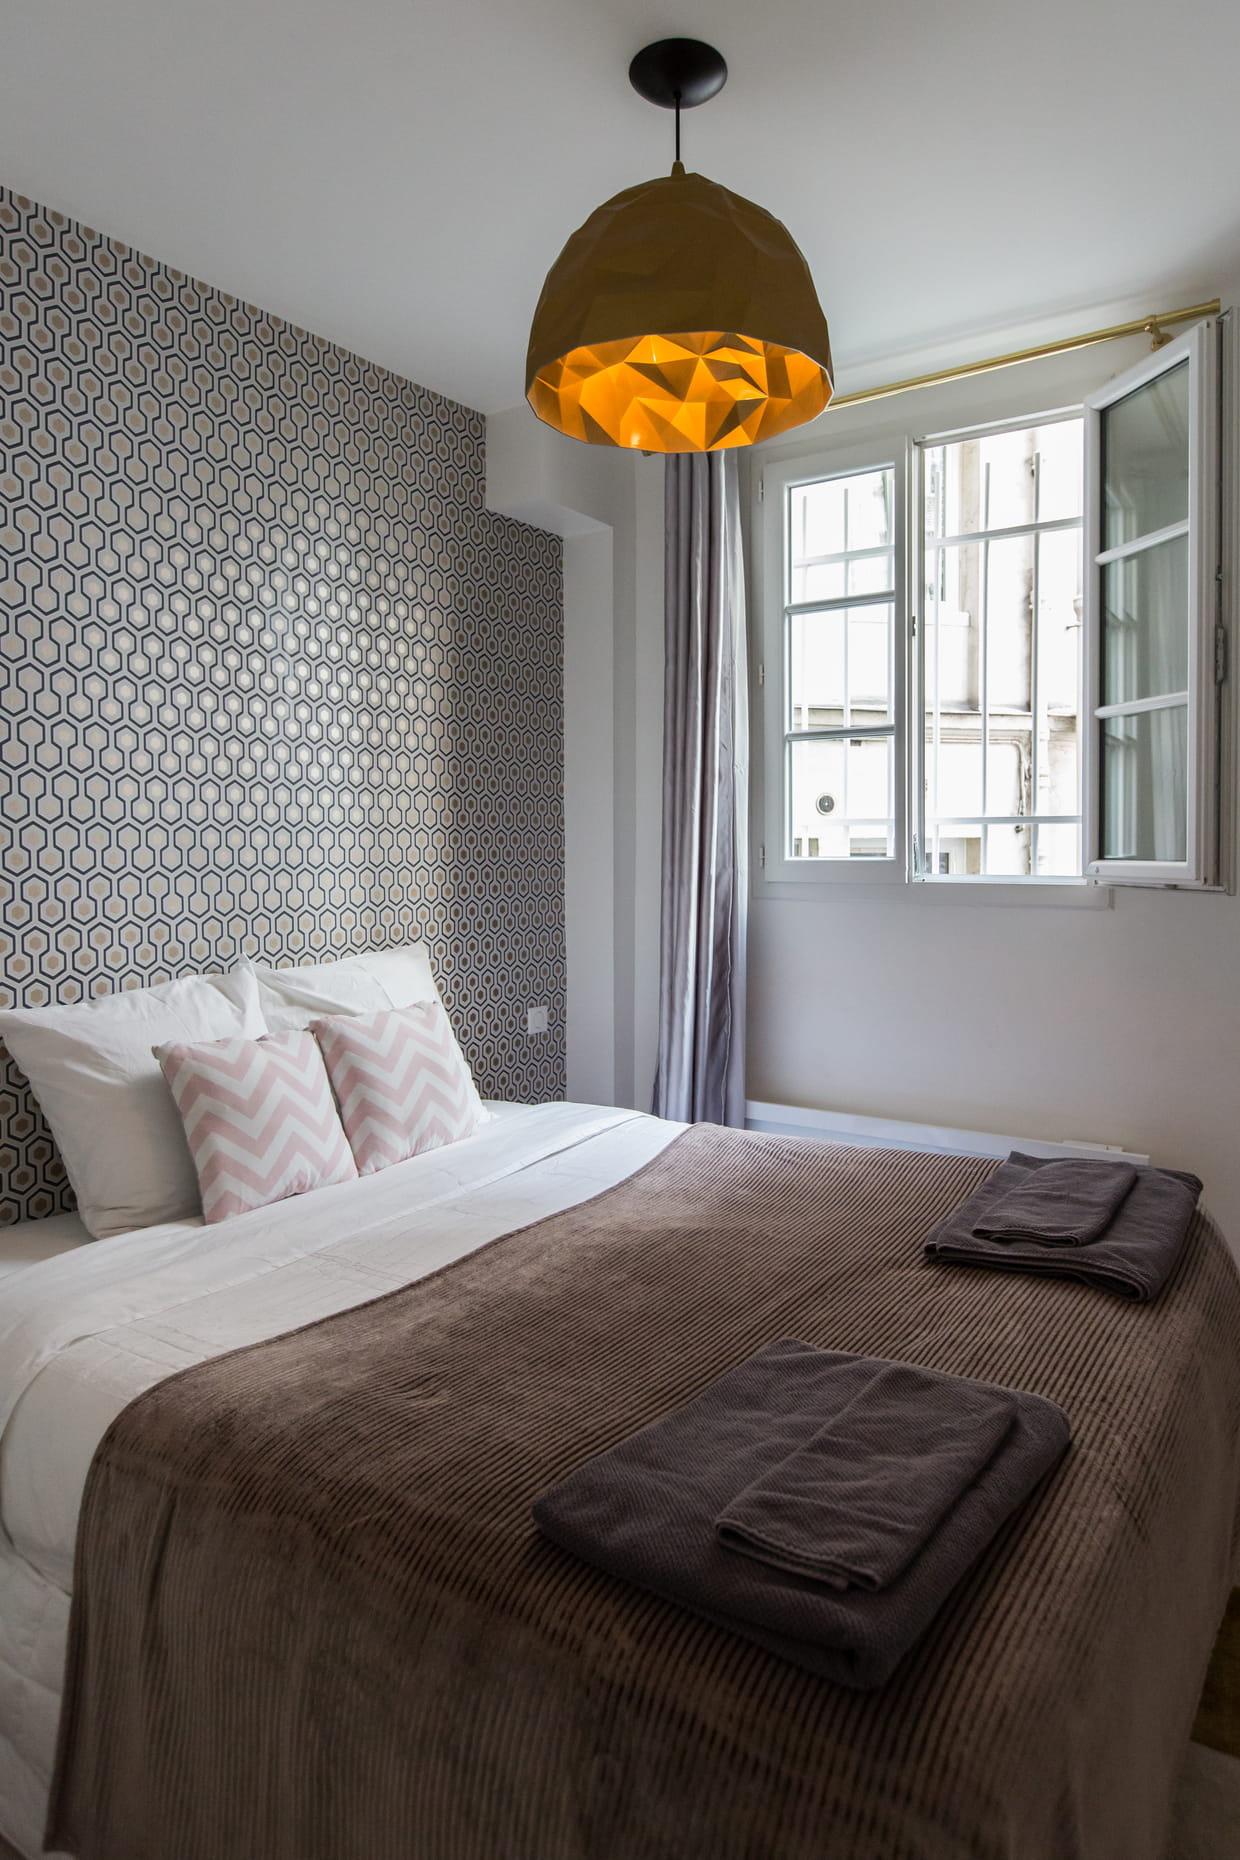 Les plus belles chambres couleur taupe à copier